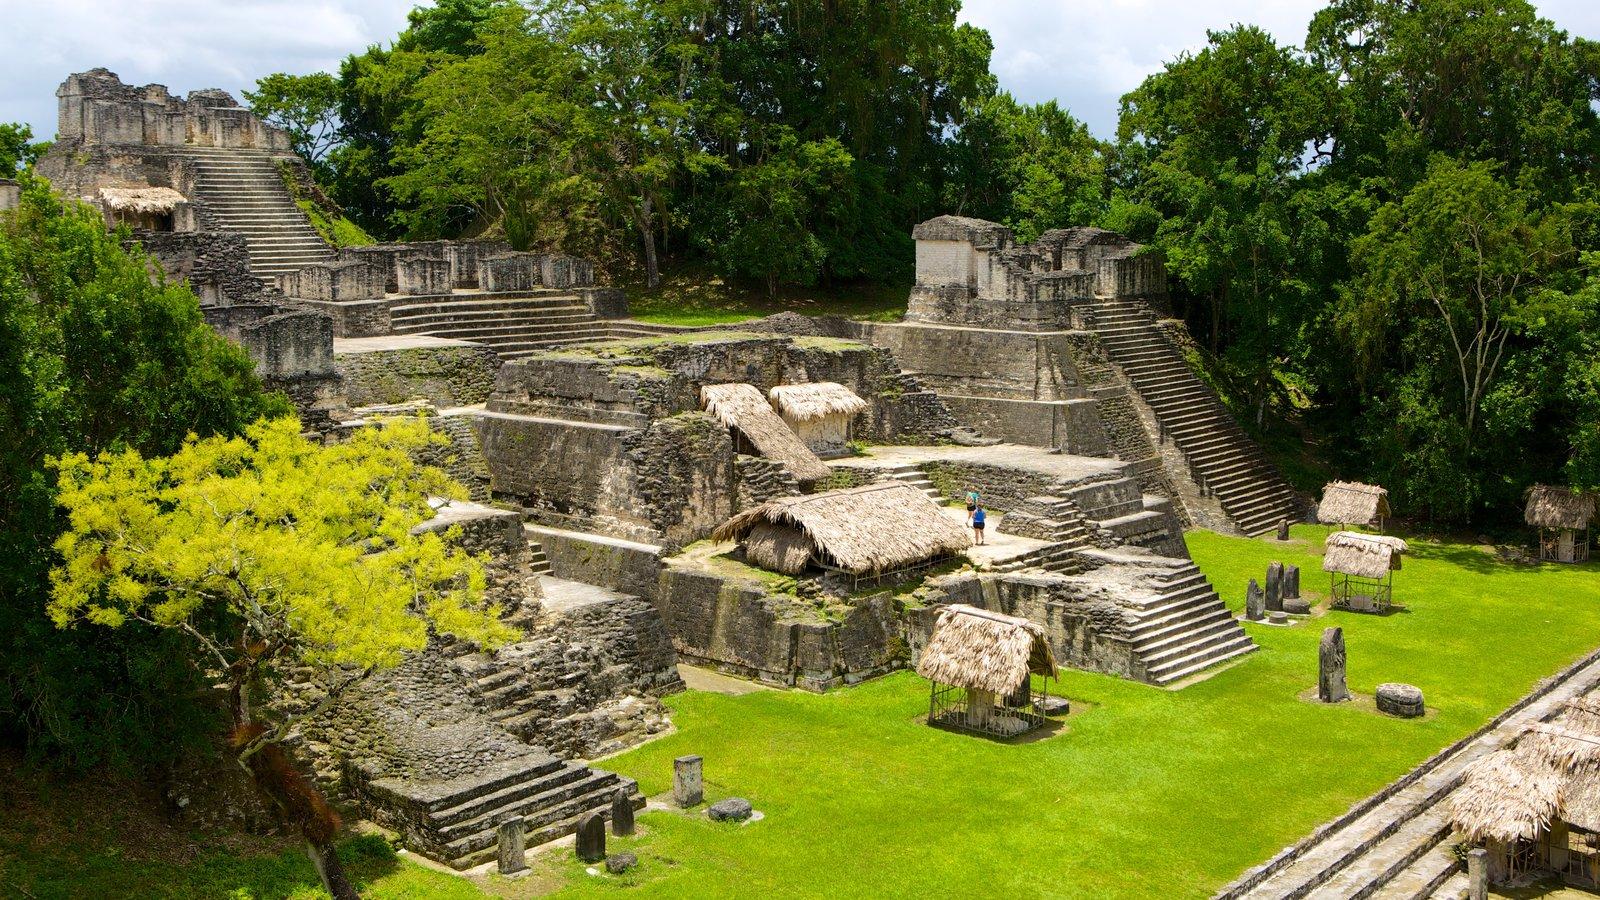 Tikal caracterizando elementos de patrimônio, paisagem e ruínas de edifício